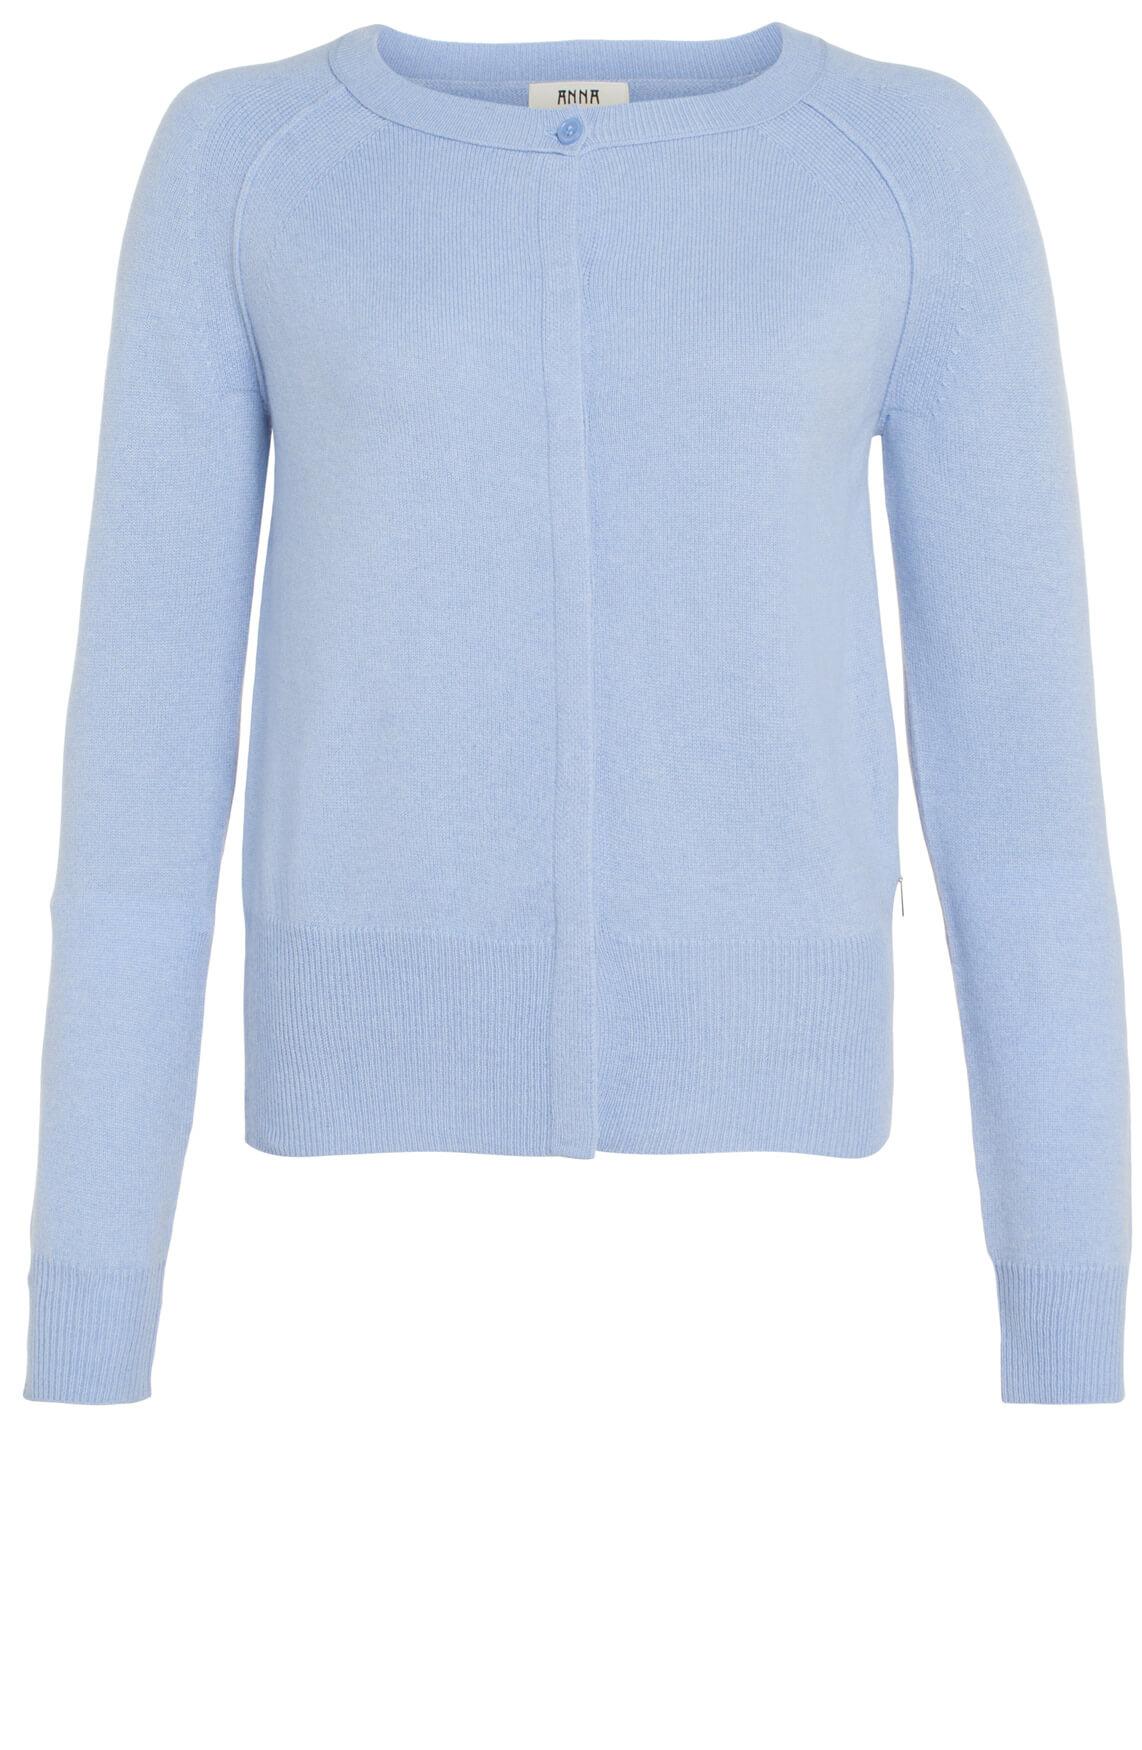 Anna Dames Cashmere vest blauw Blauw